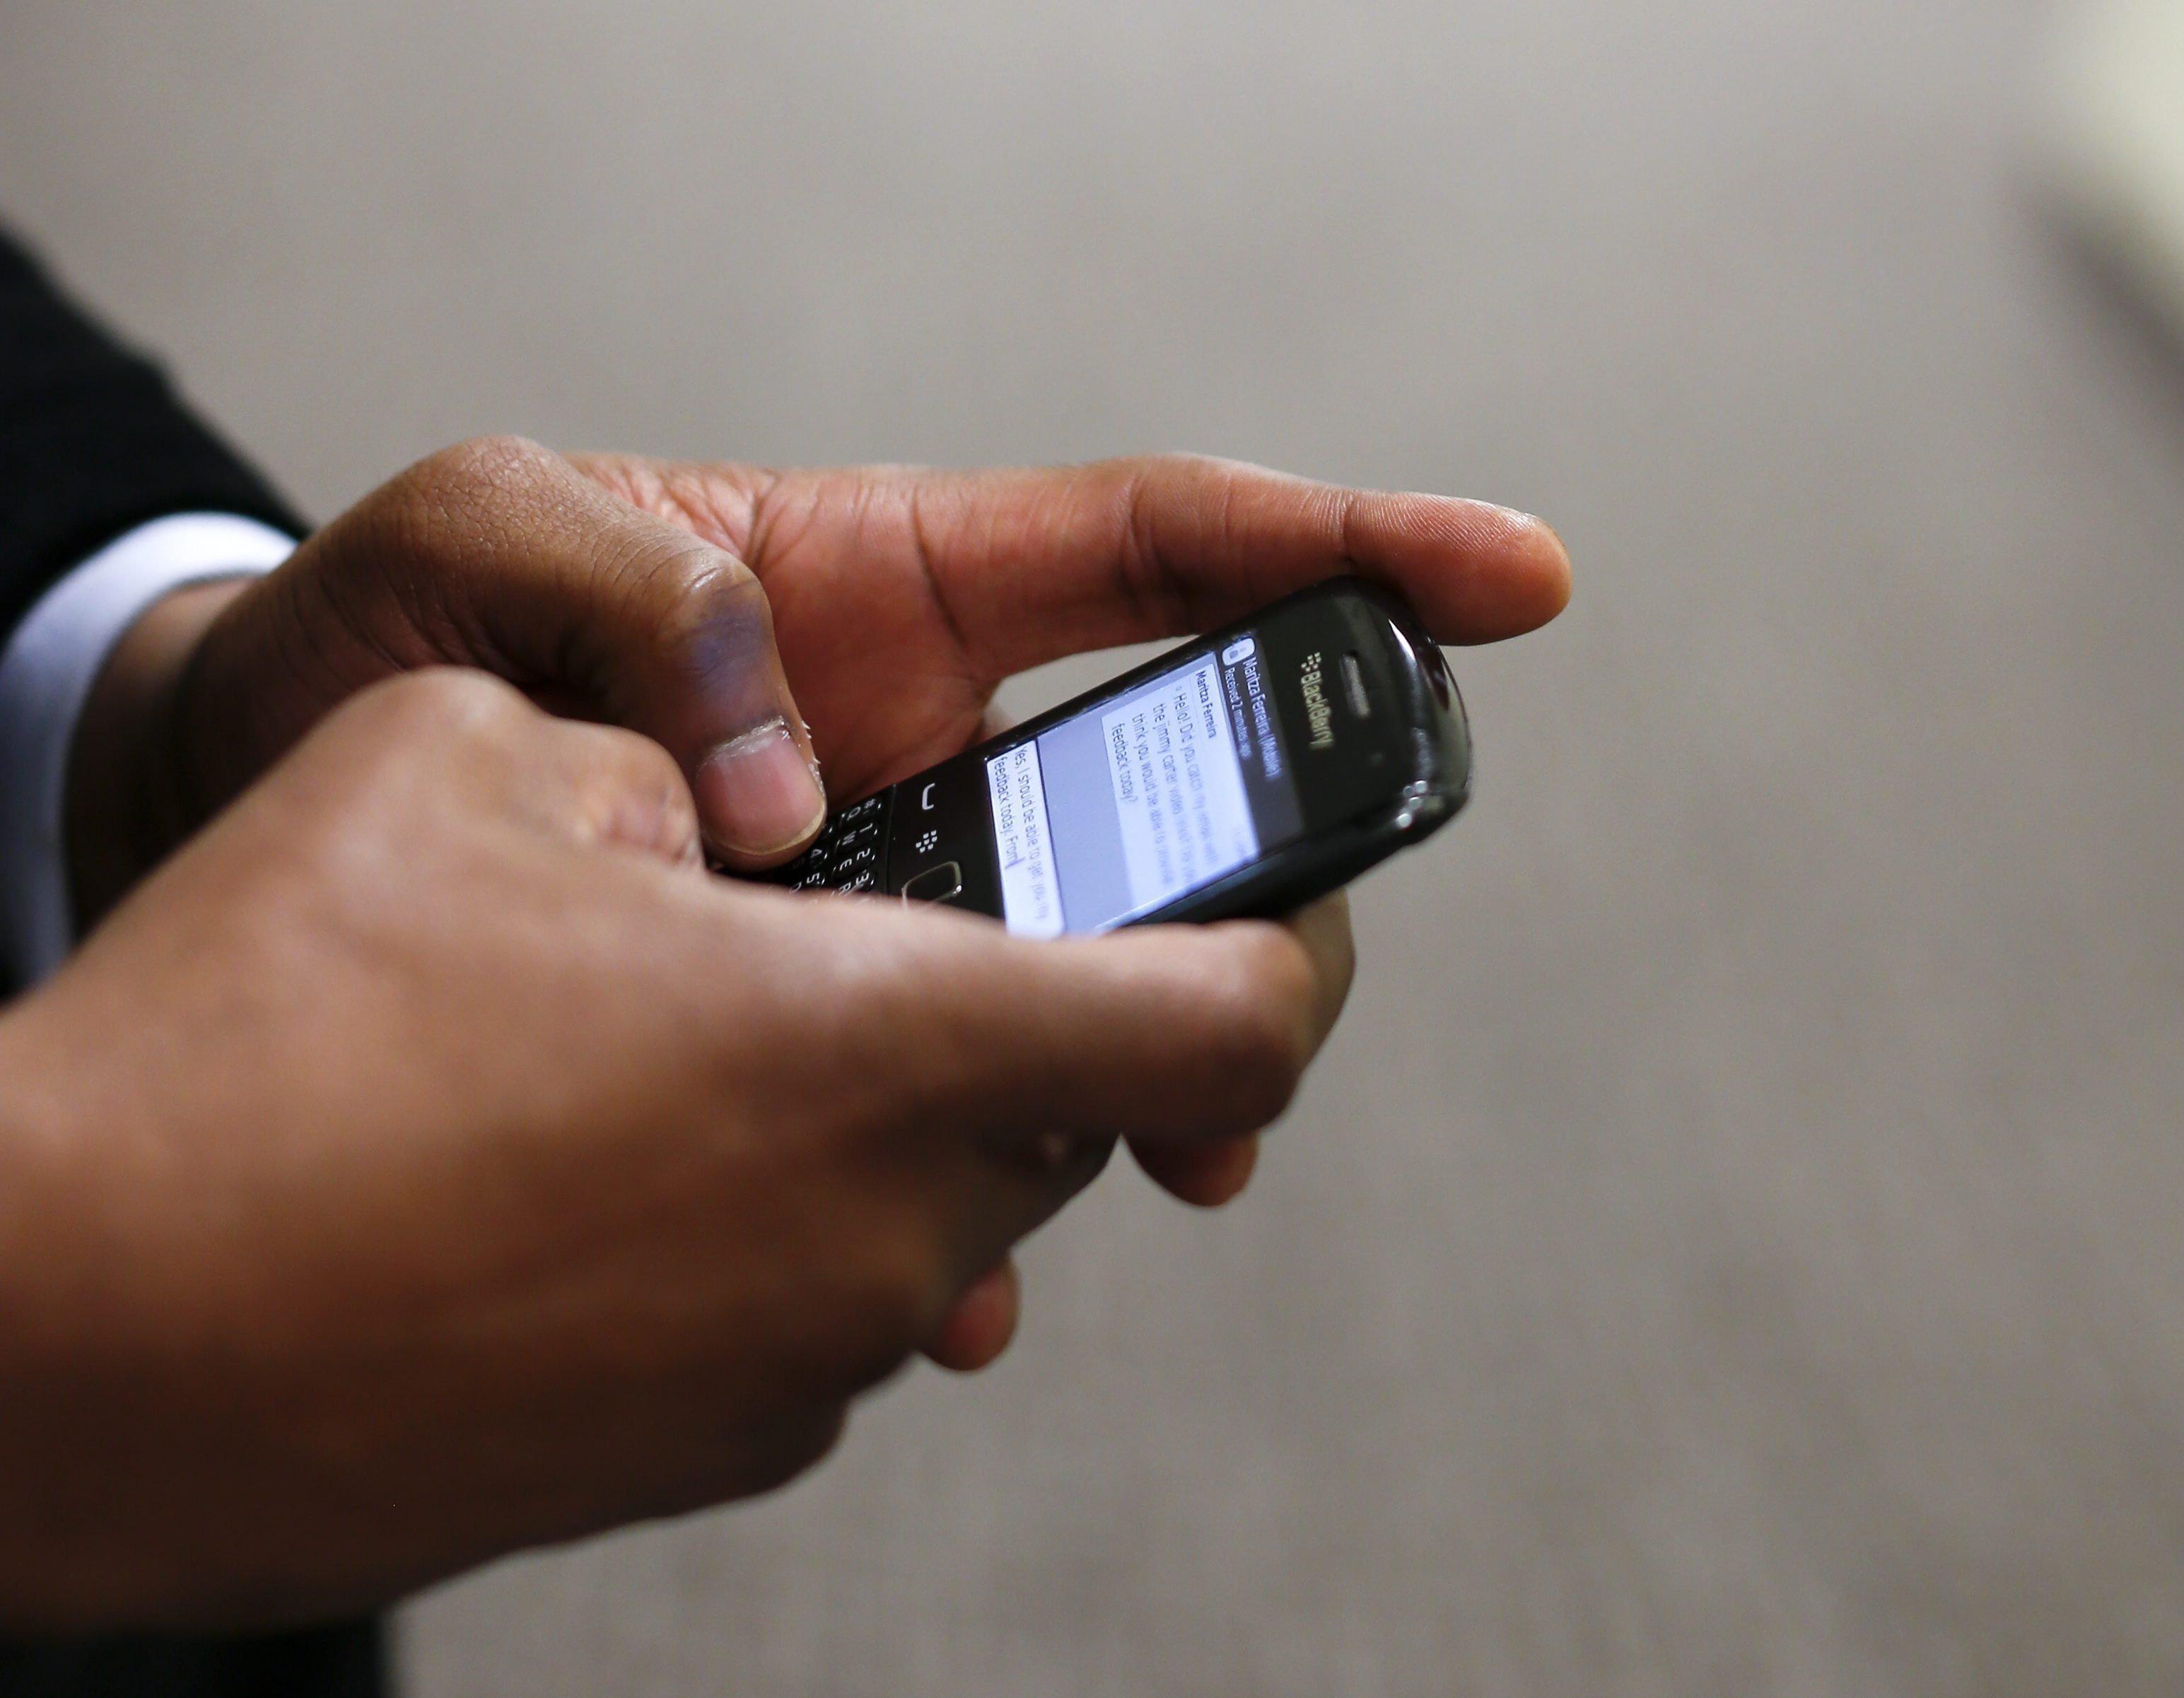 Κλήσεις στο 112 πρέπει να γεο-εντοπίζονται ακόμα και χωρίς την κάρτα SIM